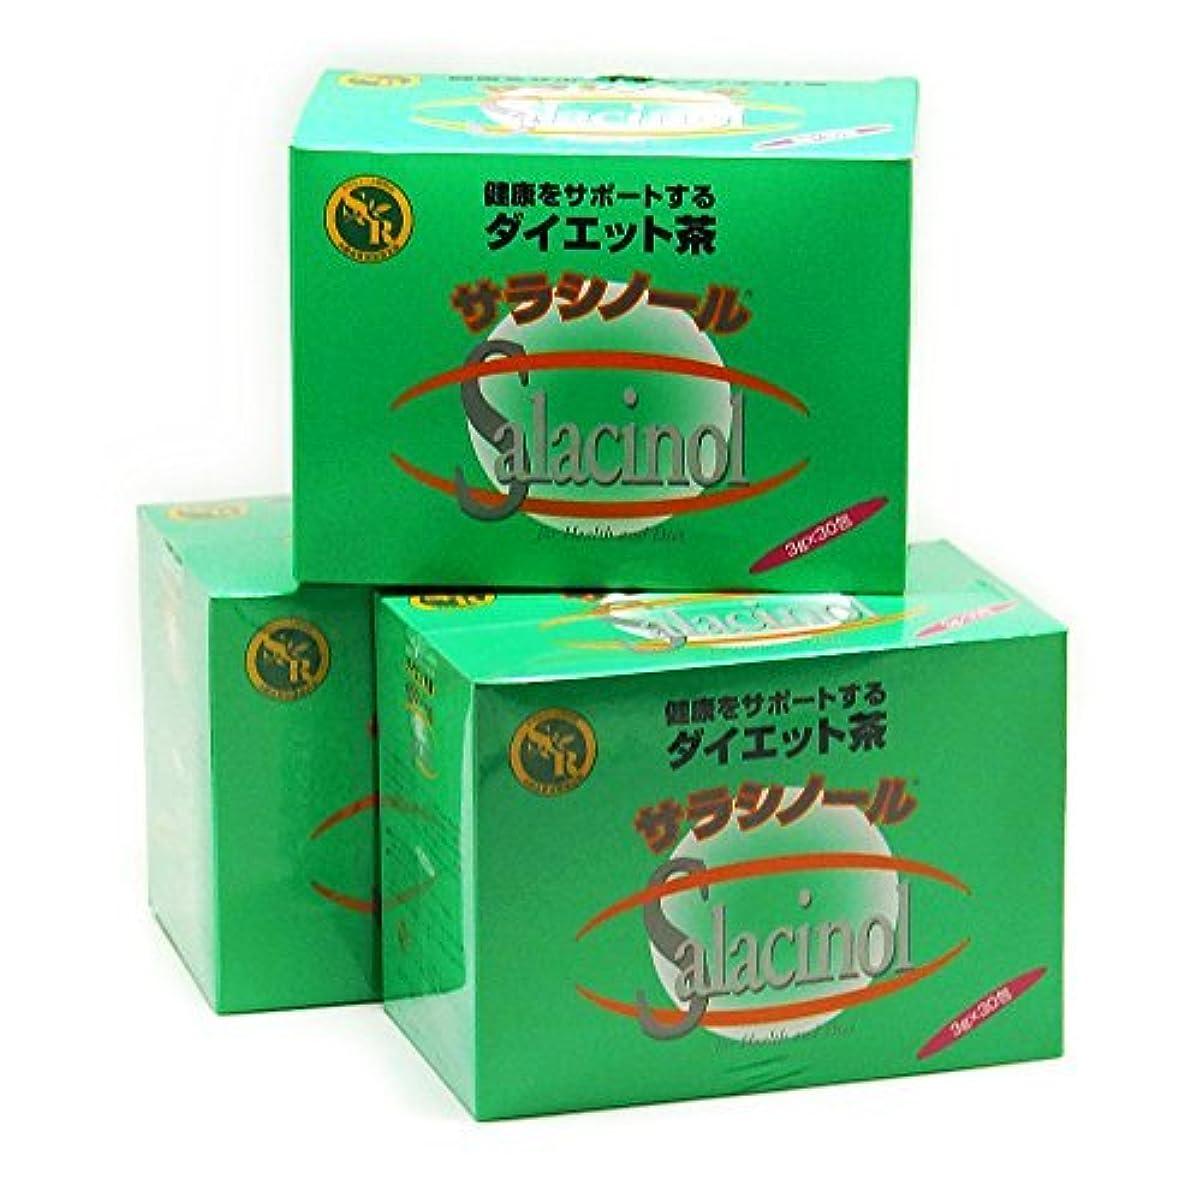 瞑想する感じる前提条件サラシノール茶3g×30包(ティーバック)3箱